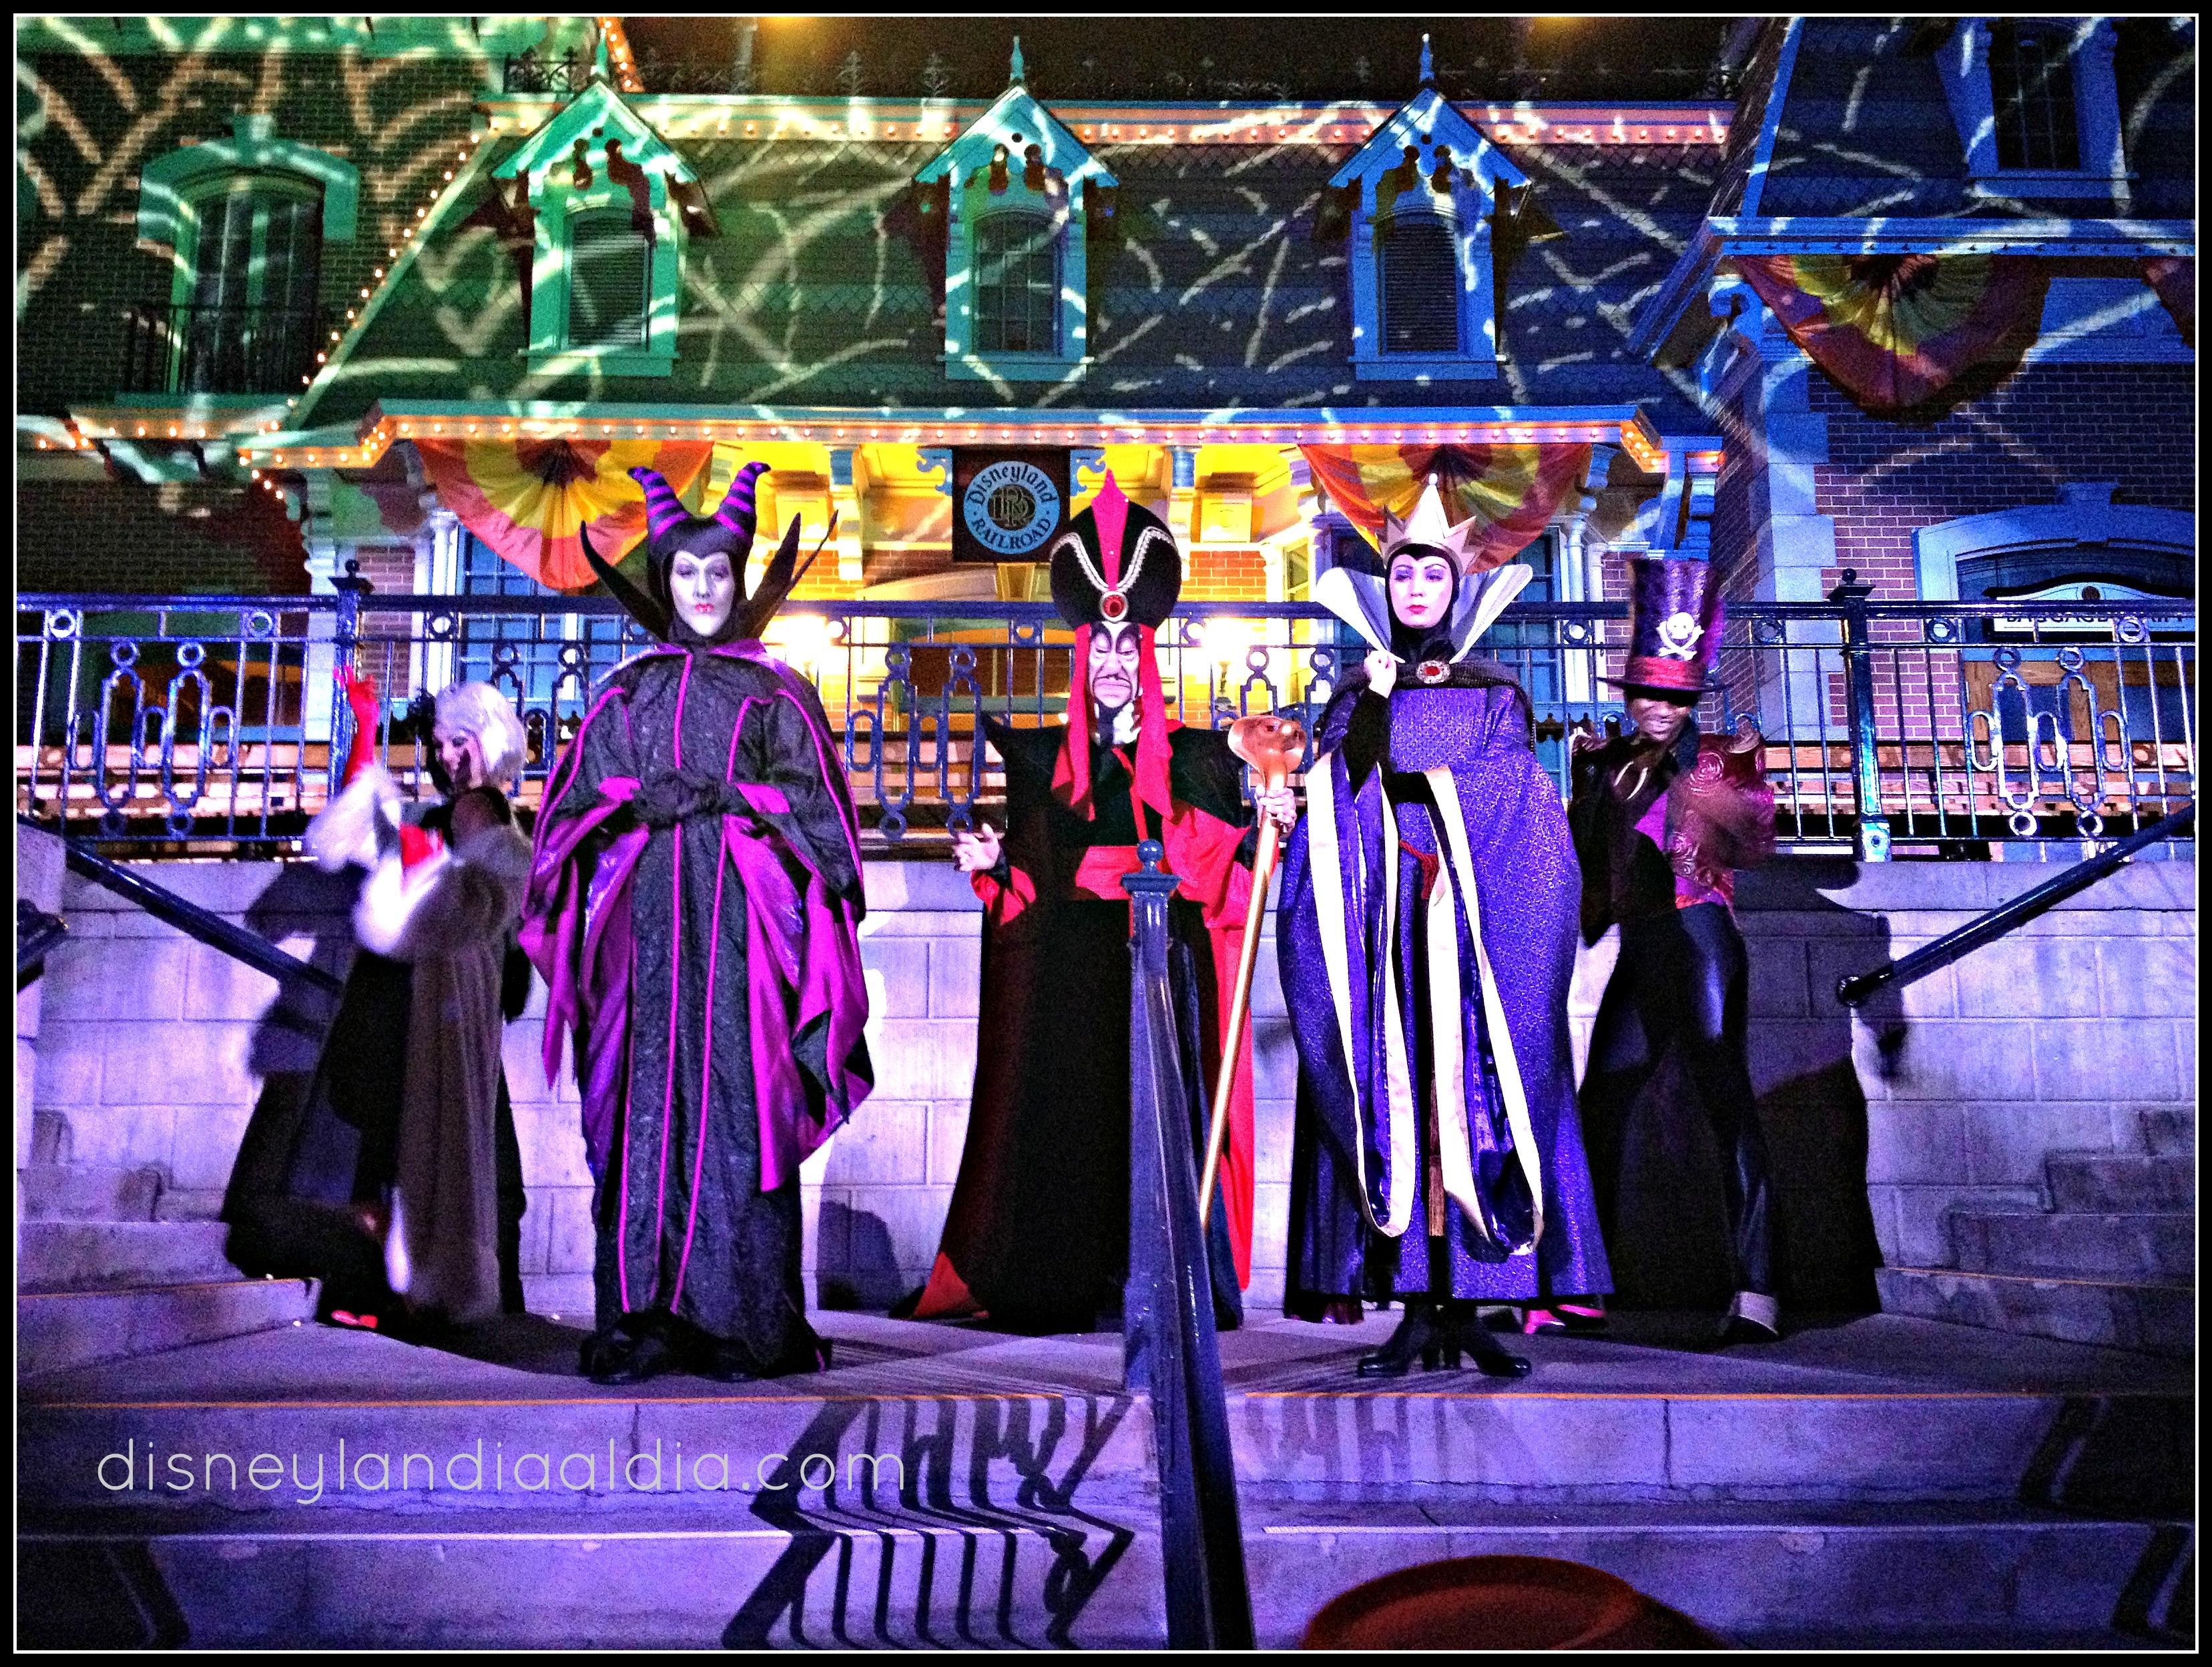 Gana Boletos para Mickey's Halloween Party! / Win Tickets to ...